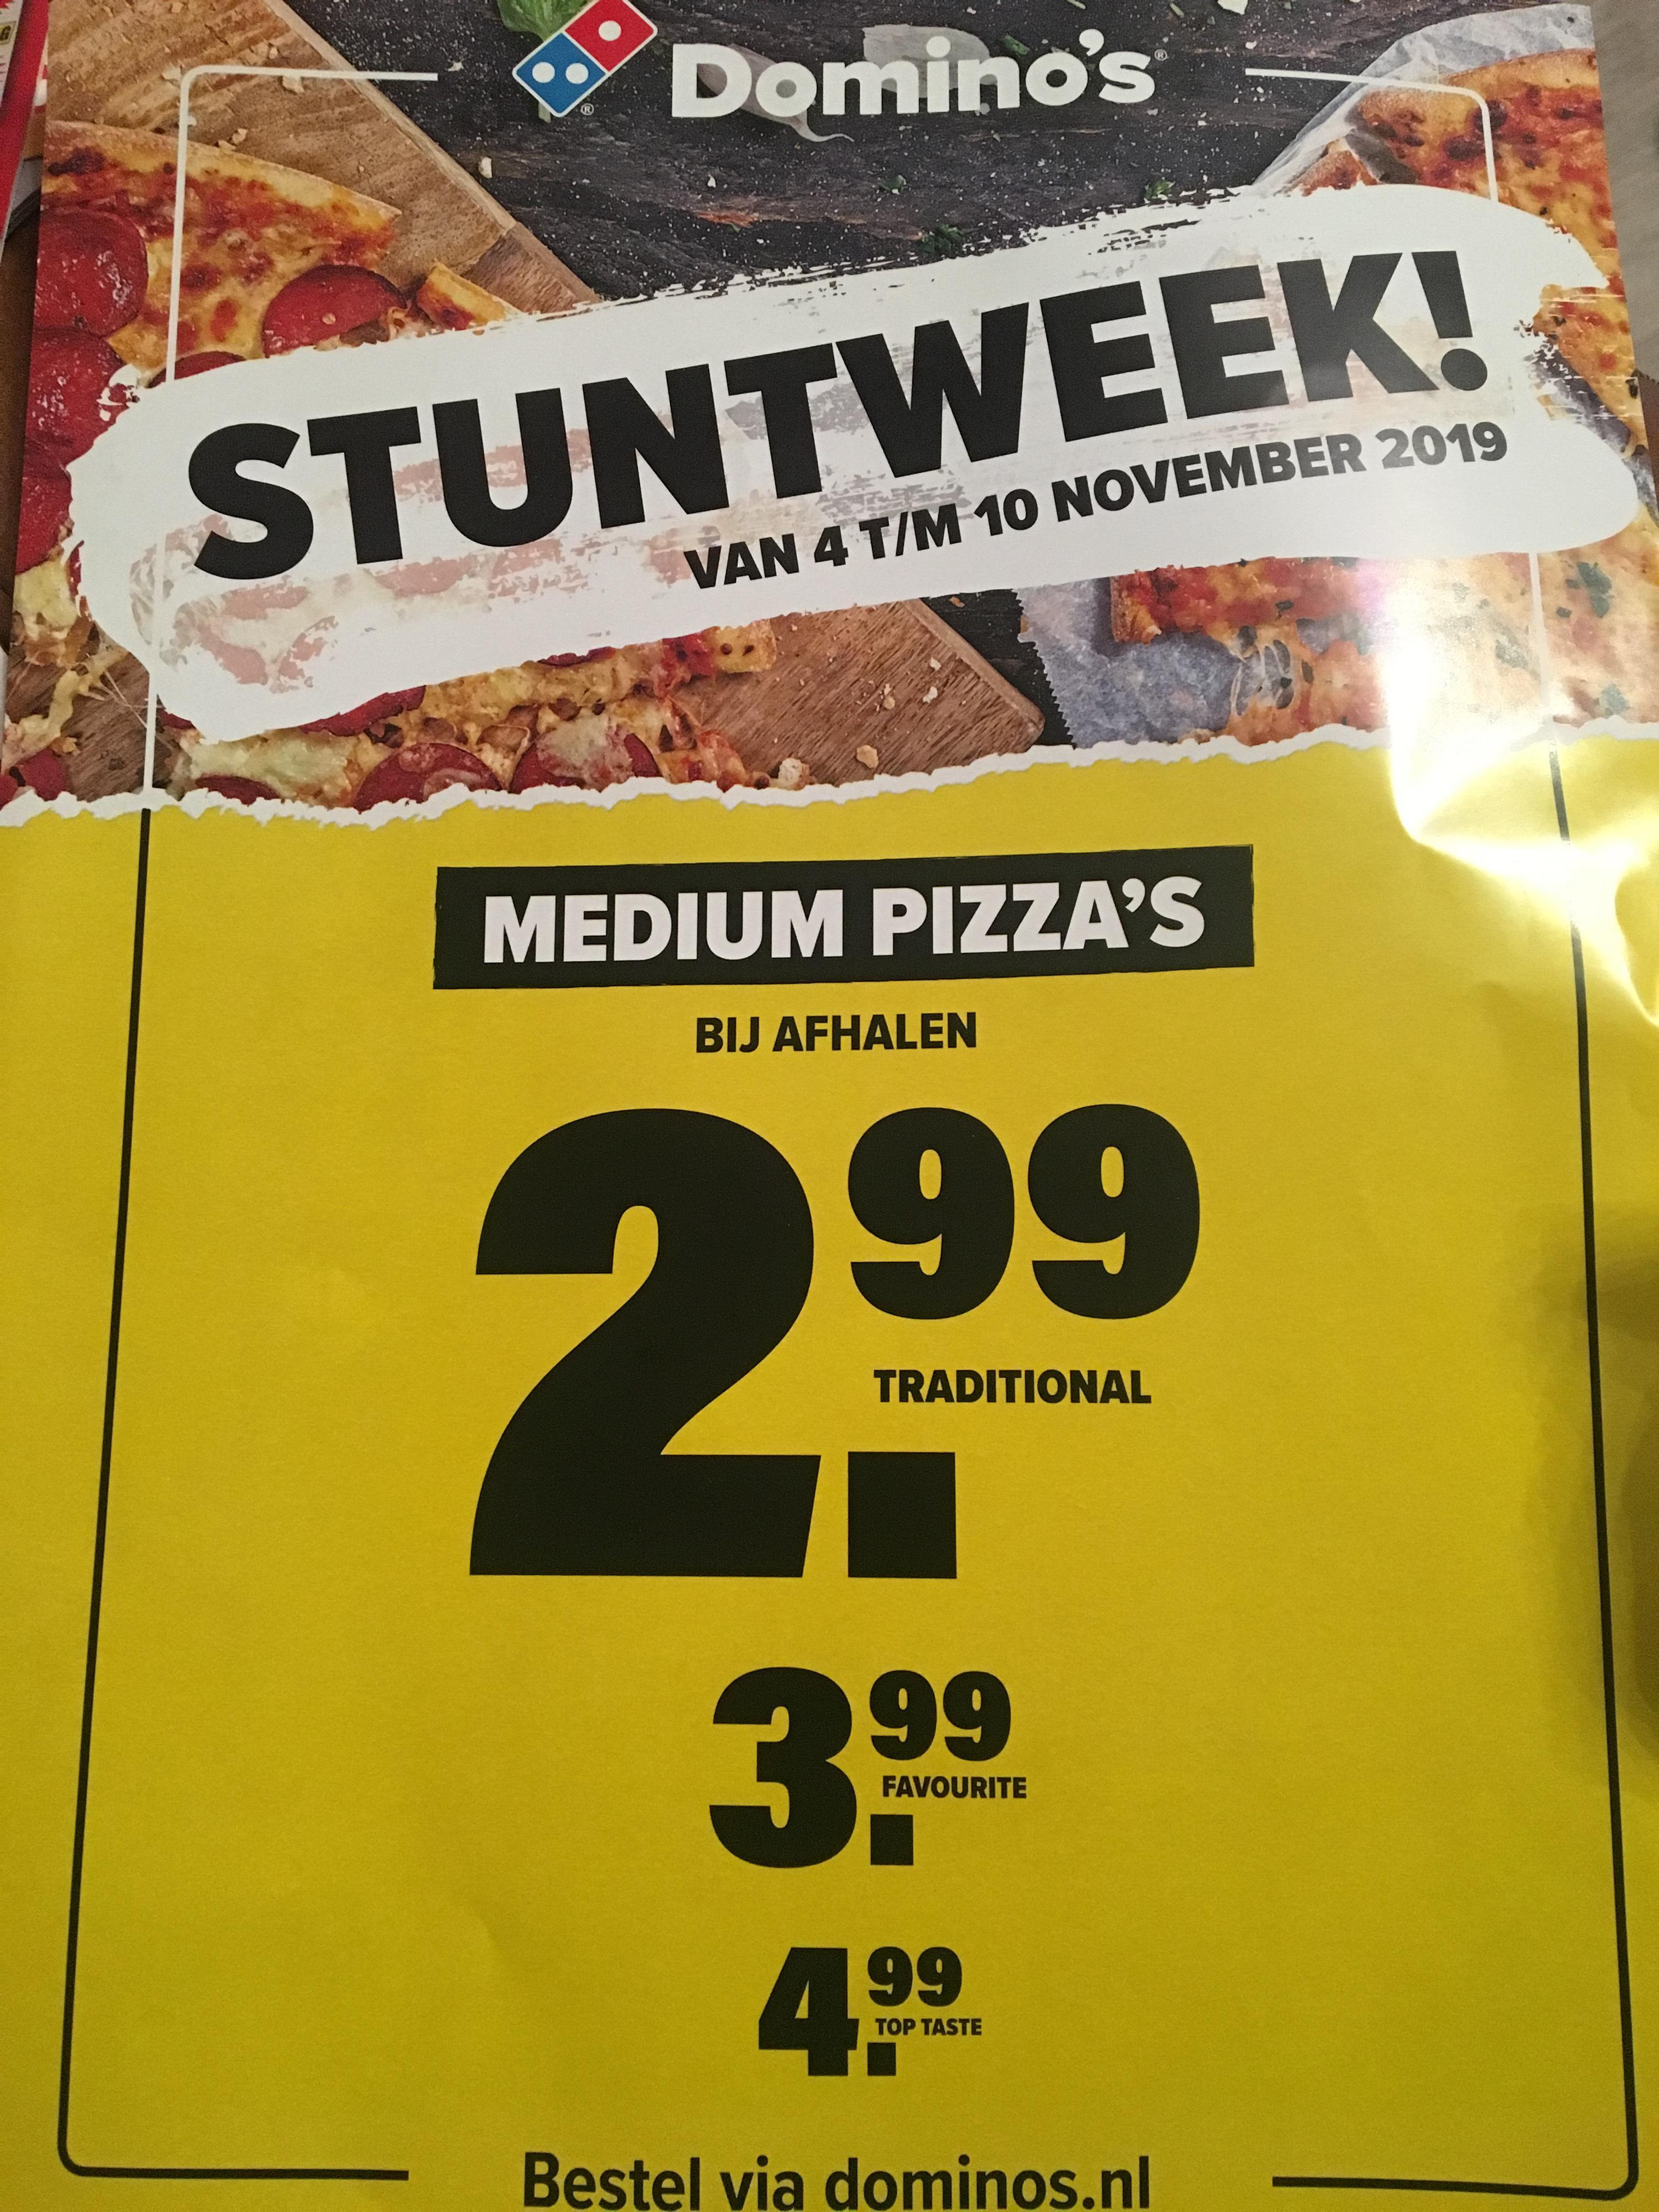 Dominos Stuntweek medium pizza vanaf 2,99 euro